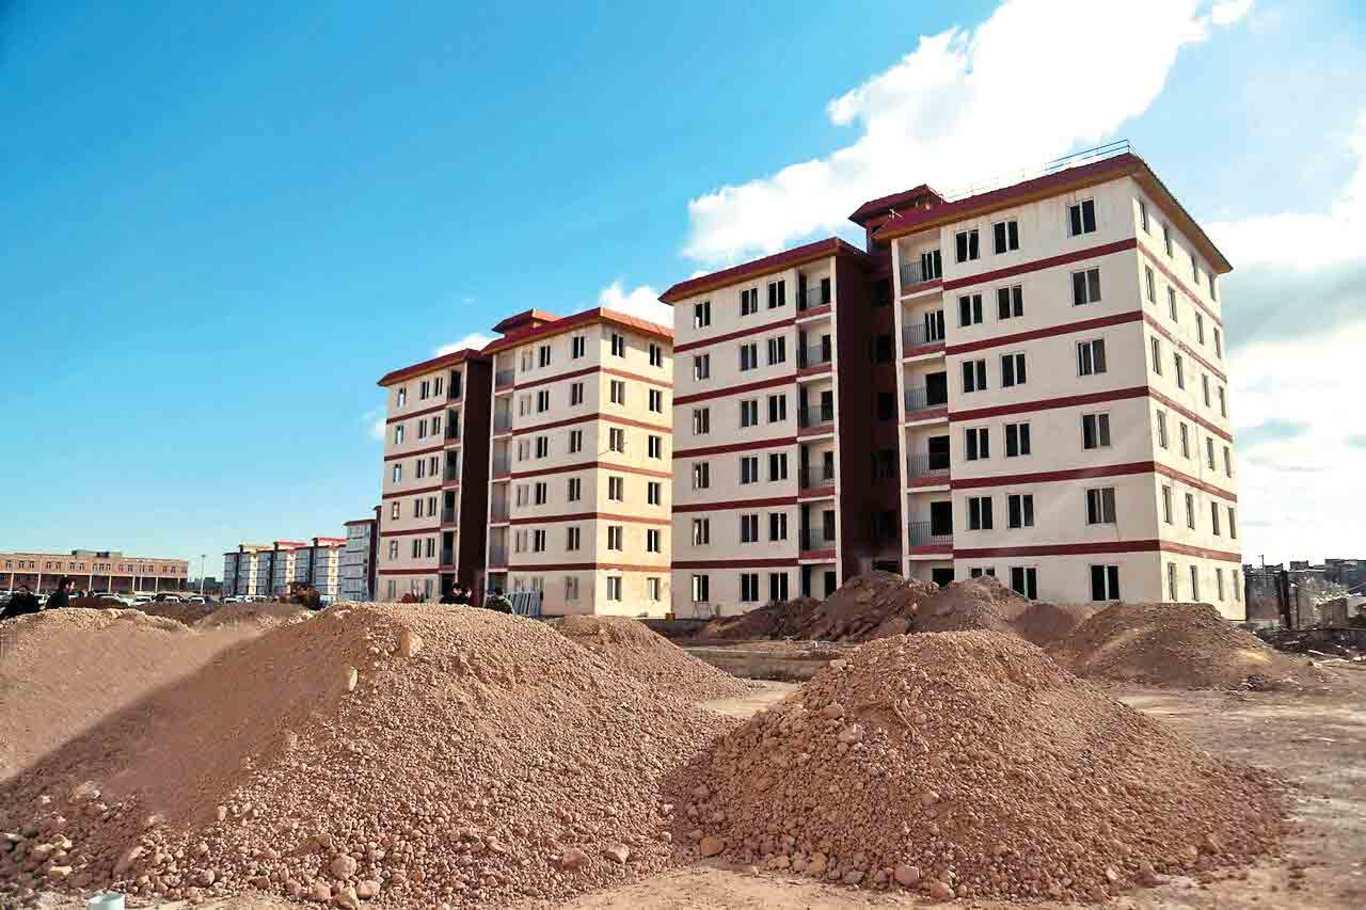 حل بحران بازار اجاره با ساخت مسکن اجارهای؟!